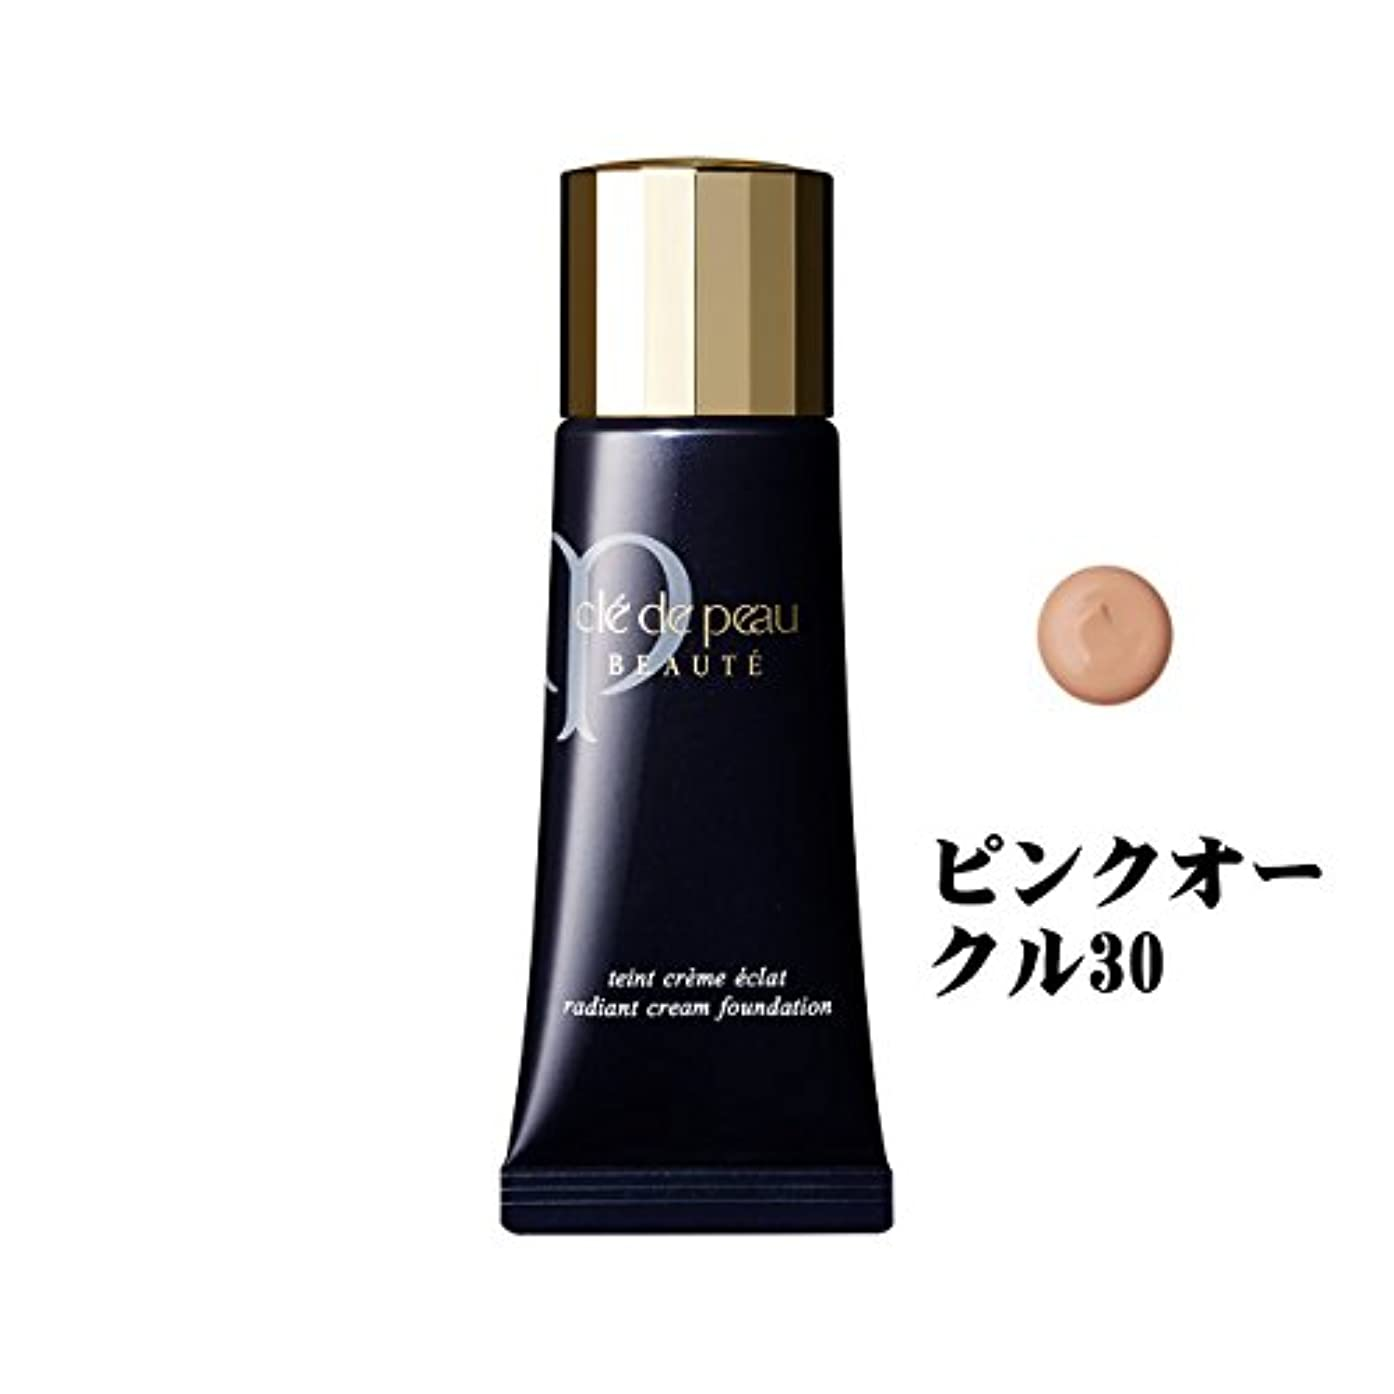 資生堂/shiseido クレドポーボーテ/CPB タンクレームエクラ クリームタイプ SPF25?PA++ ピンクオークル30